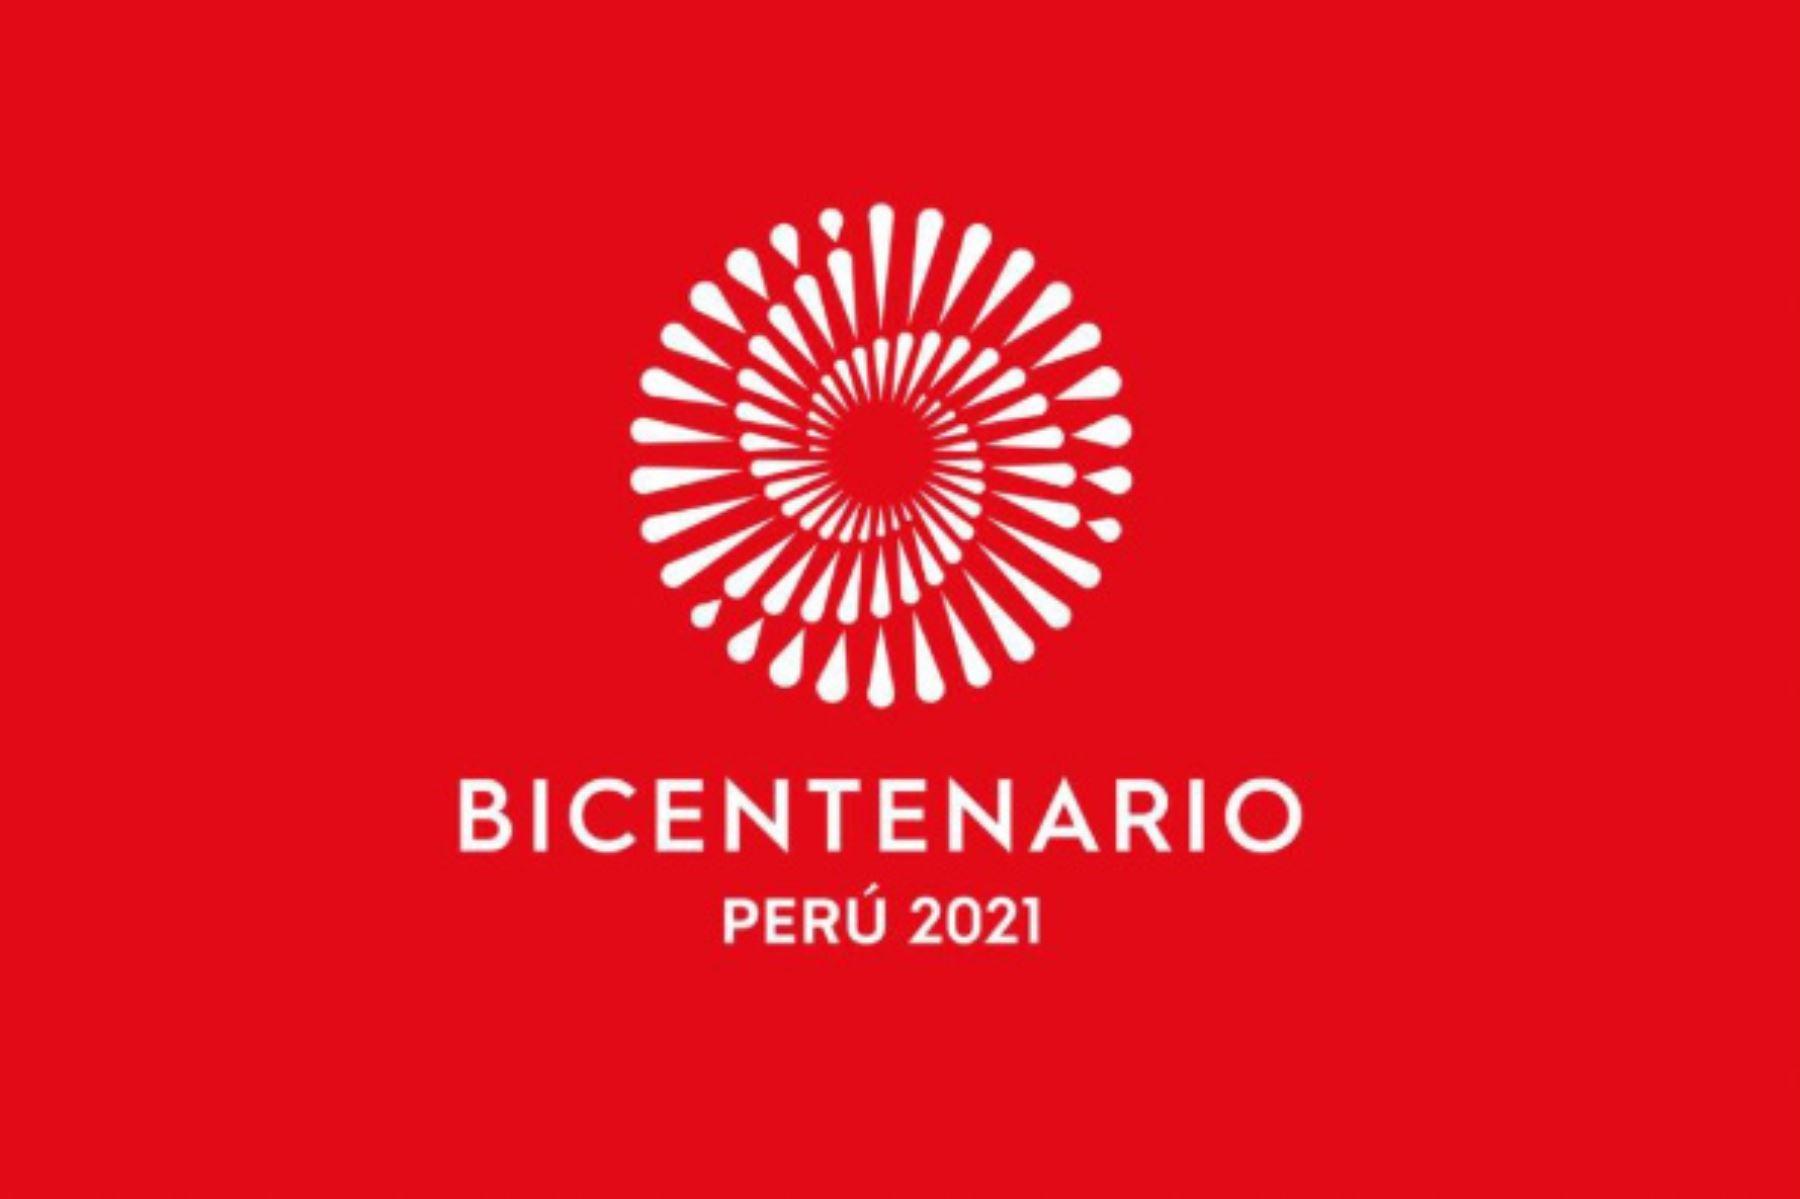 Conoce el logotipo y la canción para conmemorar el Bicentenario. Foto: Difusión.